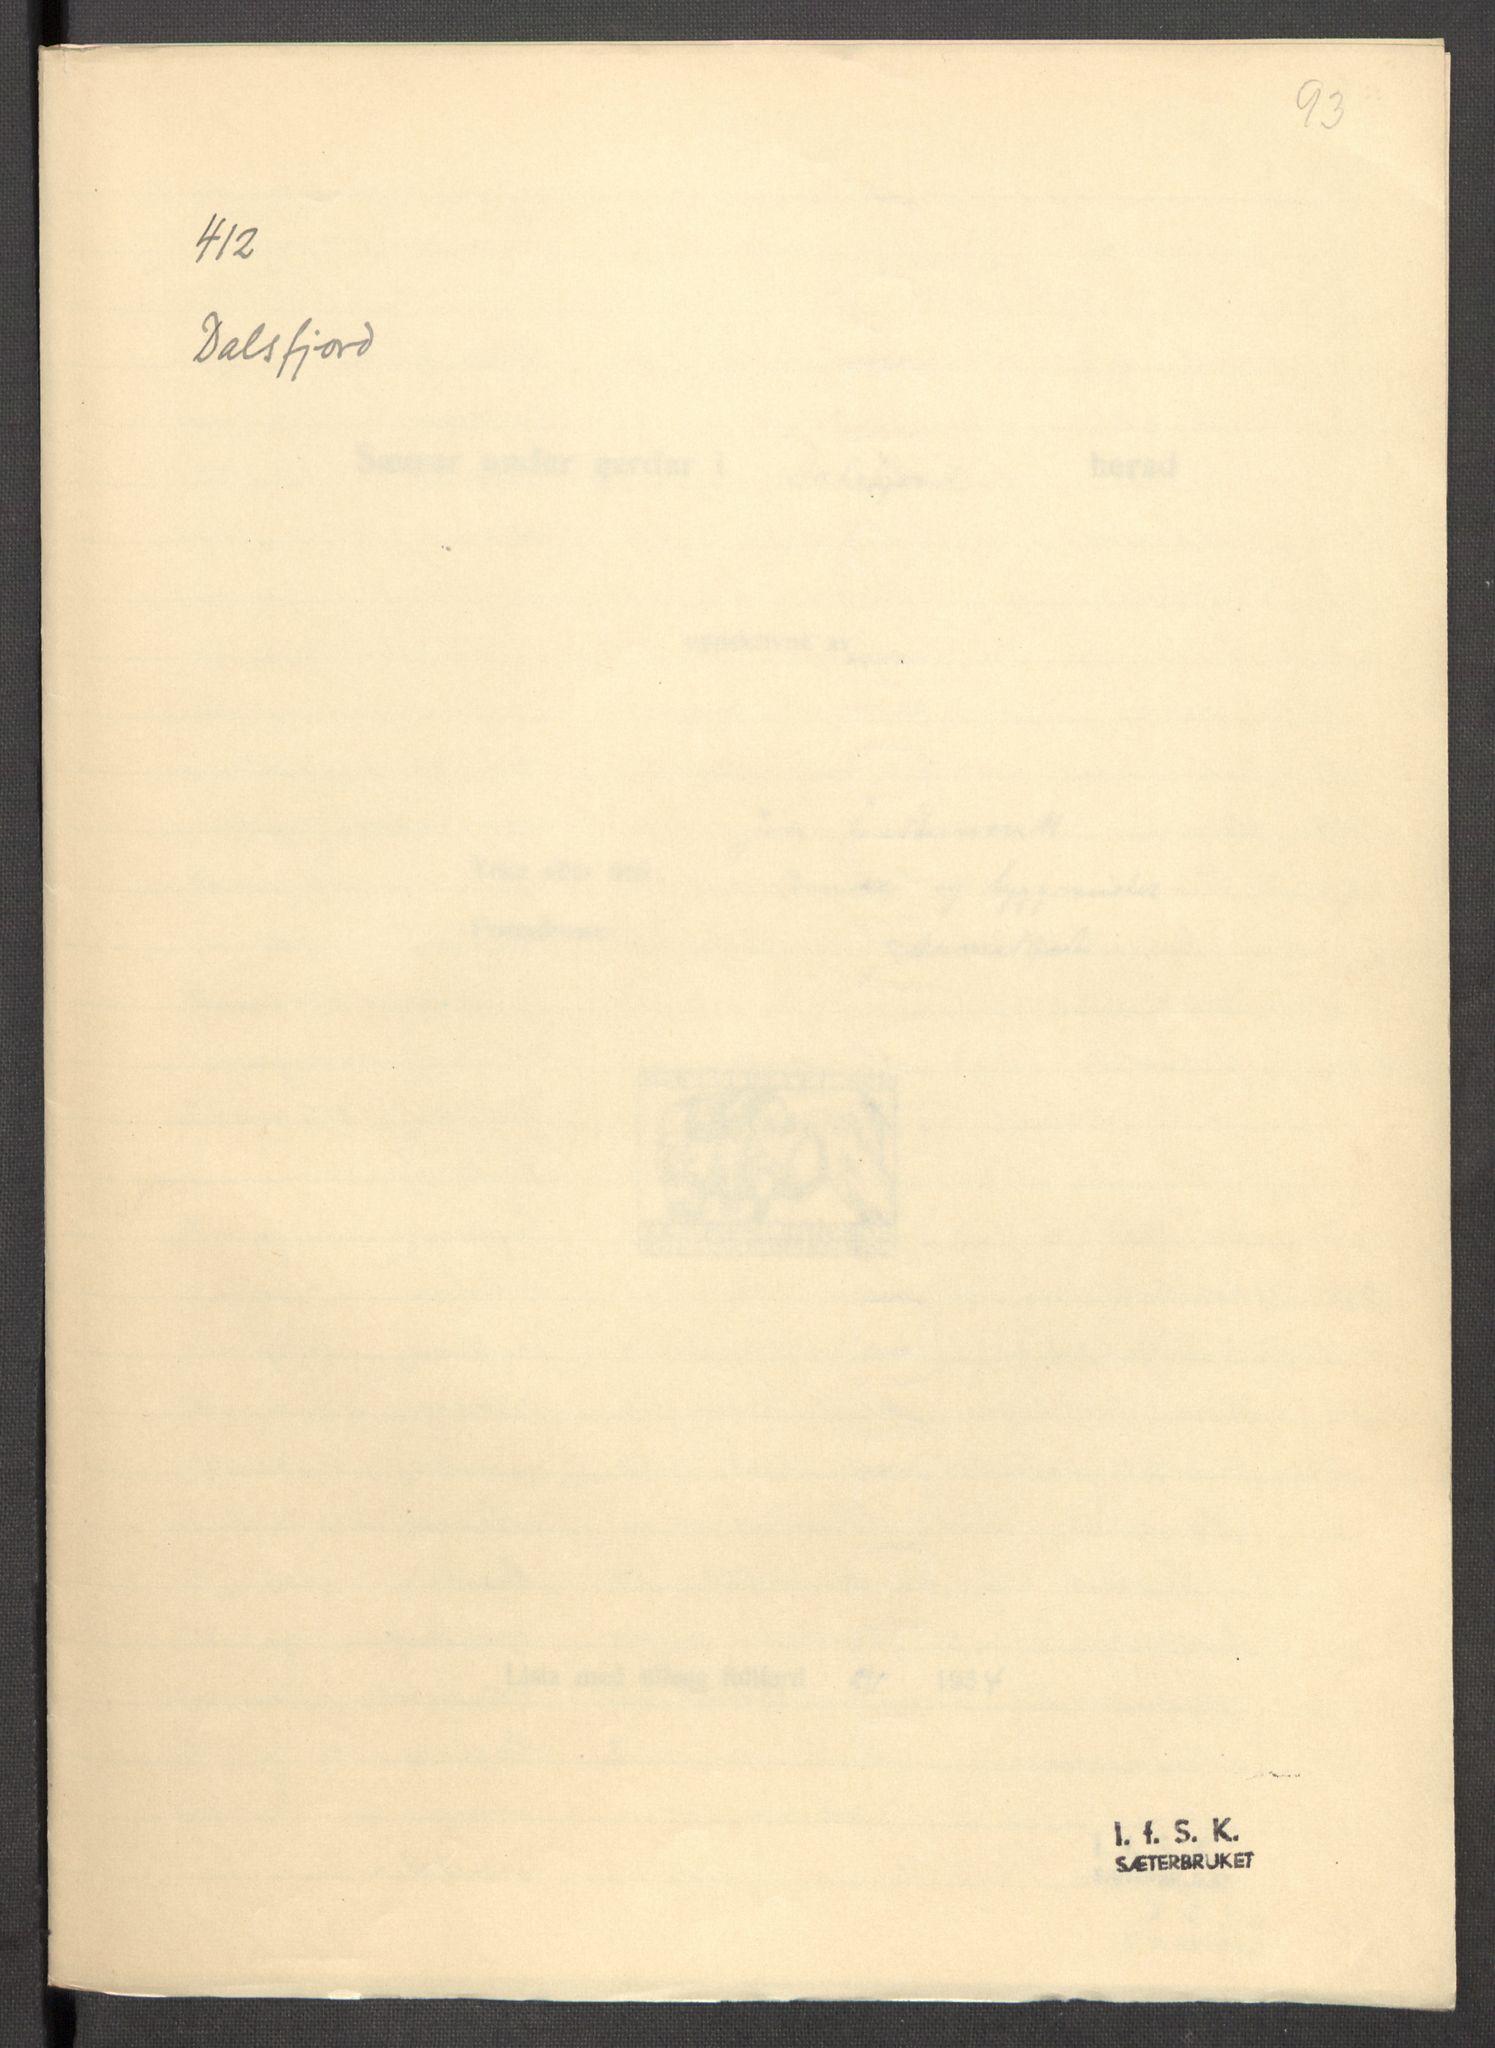 RA, Instituttet for sammenlignende kulturforskning, F/Fc/L0012: Eske B12:, 1934-1936, s. 93